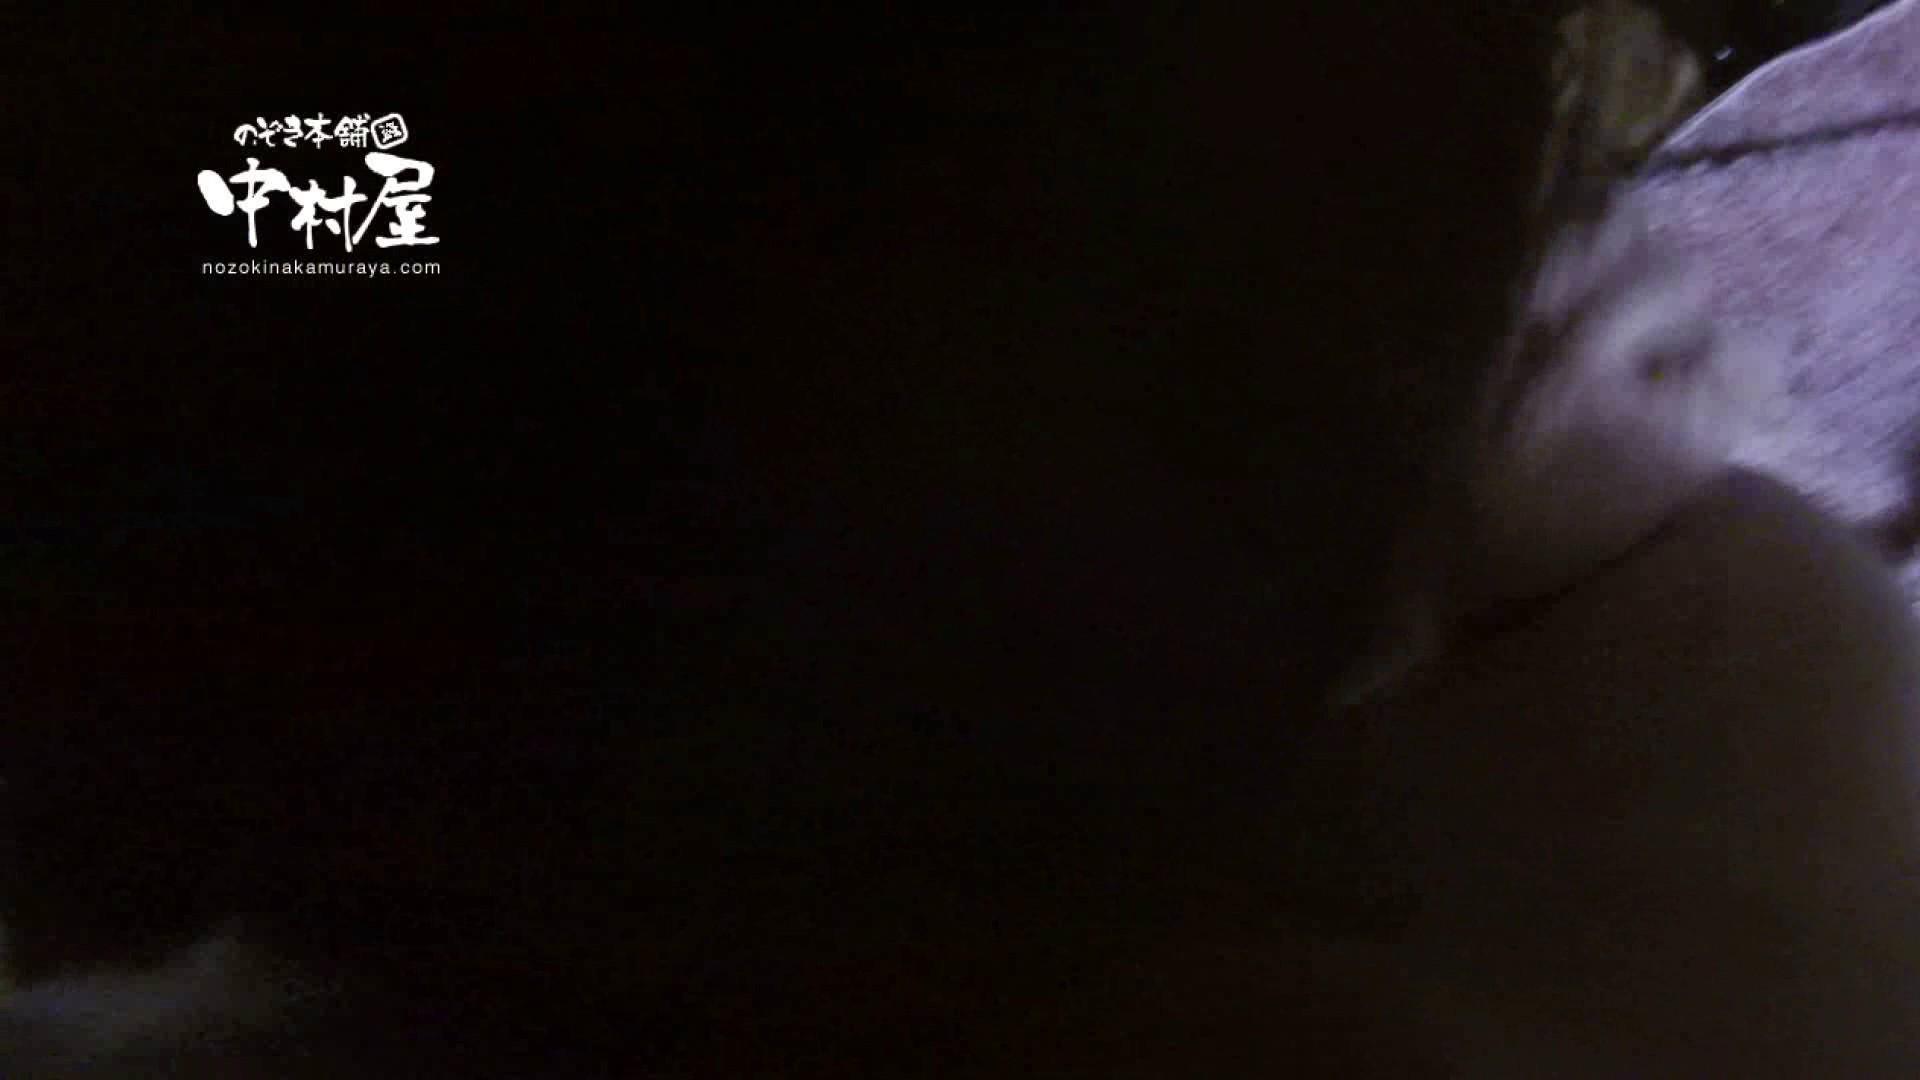 鬼畜 vol.10 あぁ無情…中出しパイパン! 前編 鬼畜 すけべAV動画紹介 107画像 4